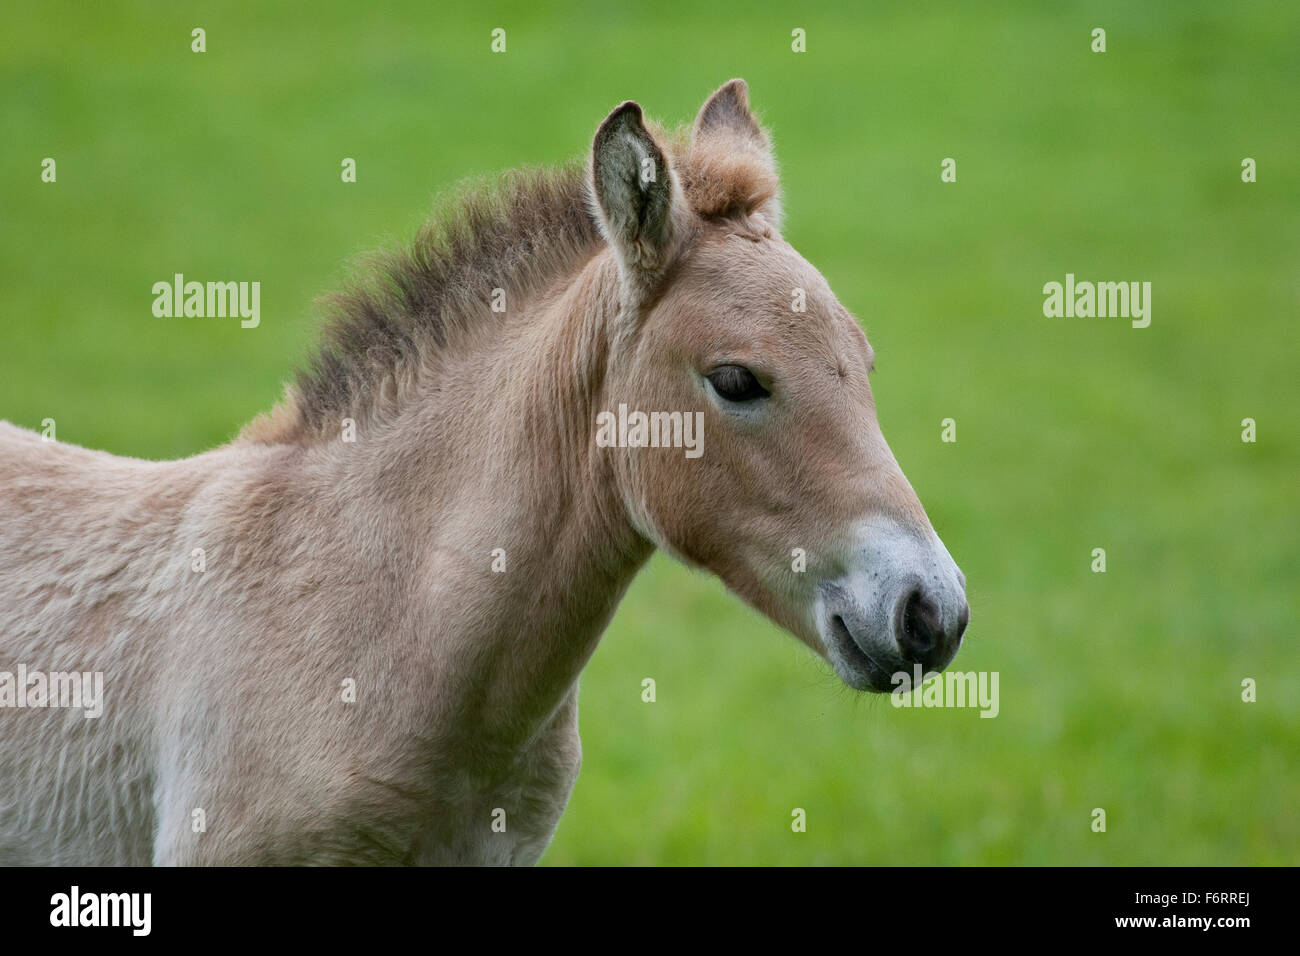 Przewalski's Horse, Asian Wild Horse, foal, Przewalski-Pferd, Fohlen, Przewalskipferd, Wildpferd, Equus ferus - Stock Image